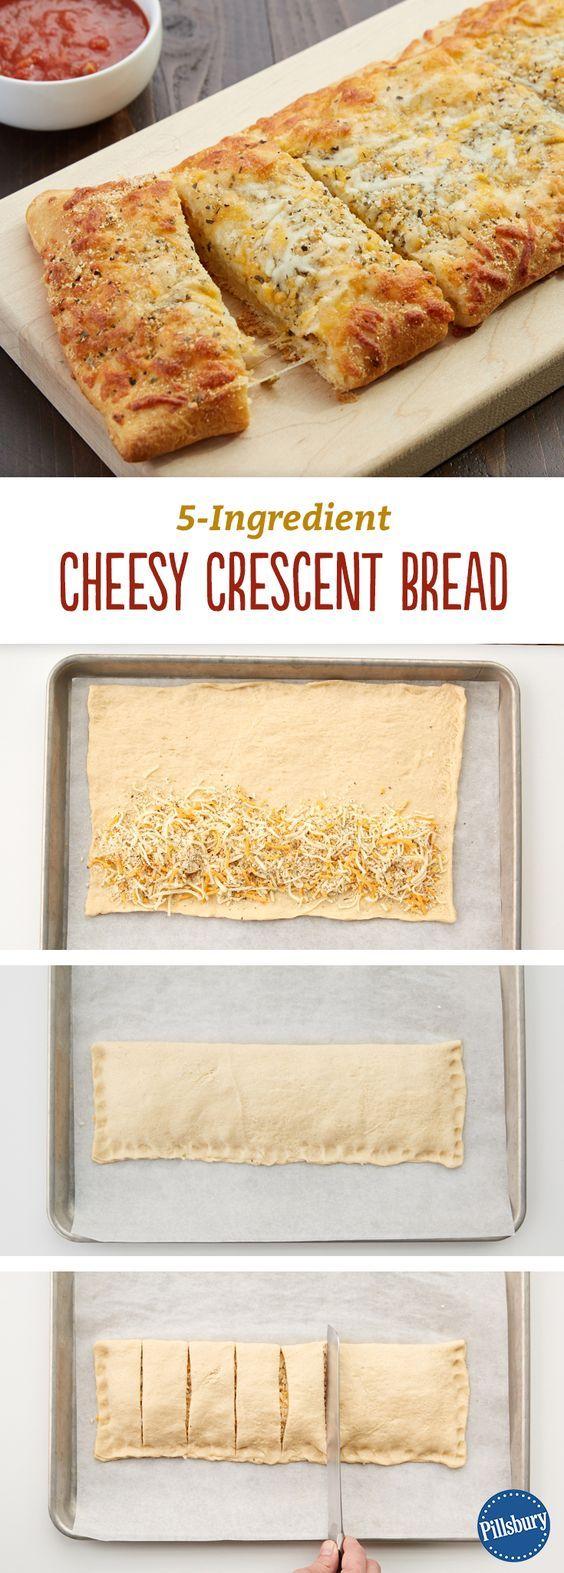 cheesy crescent bread recipe